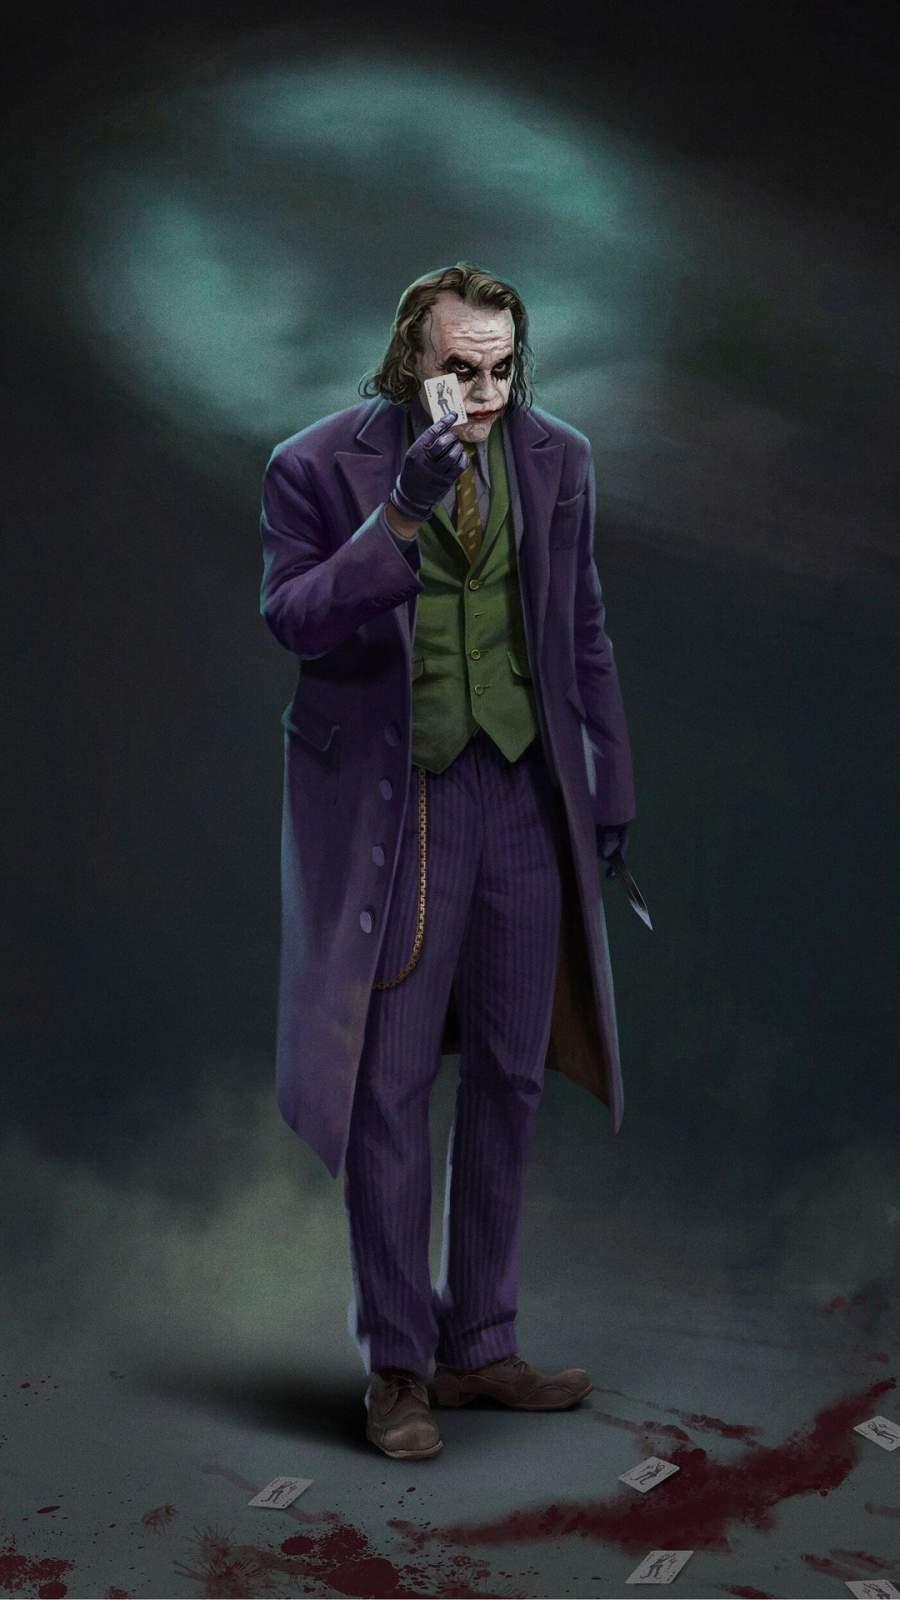 Joker and Card iPhone Wallpaper